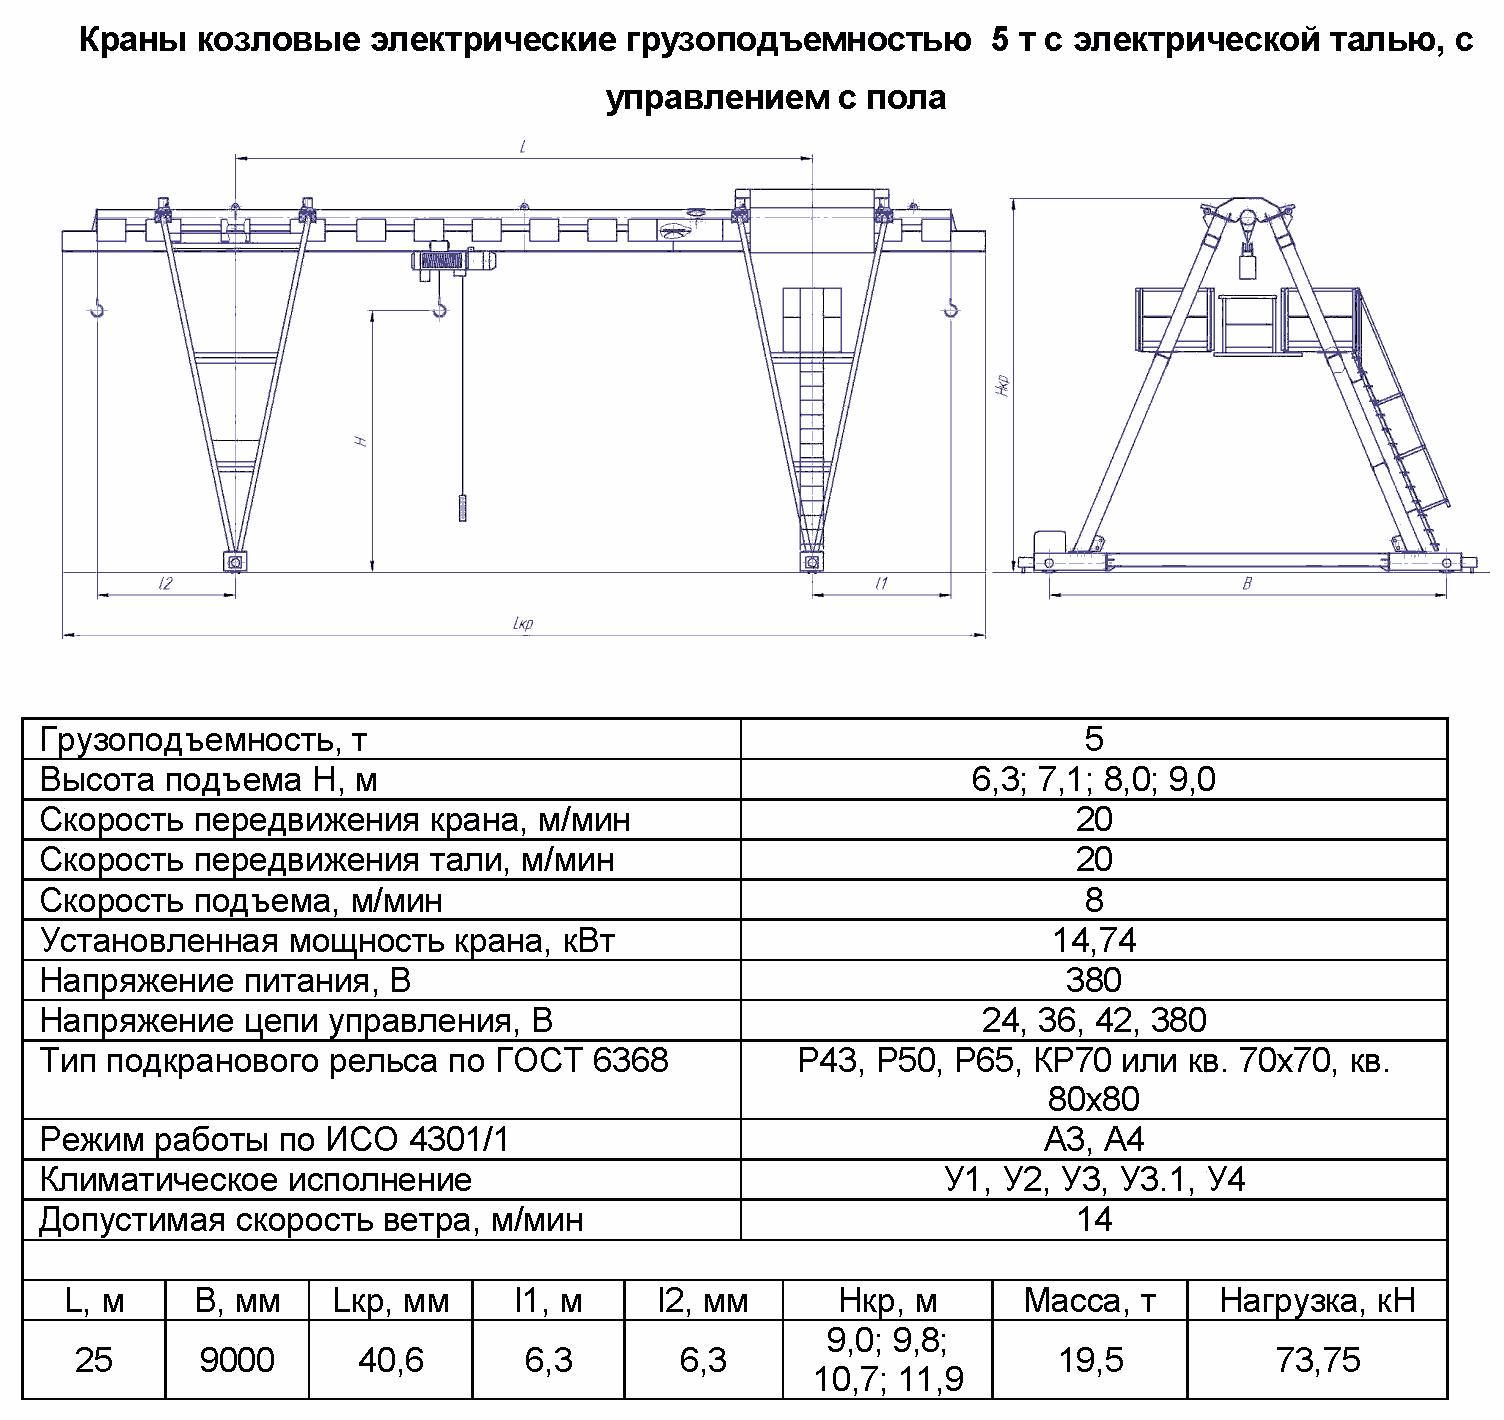 KKO 5 250 - Кран козловой электрический однобалочный